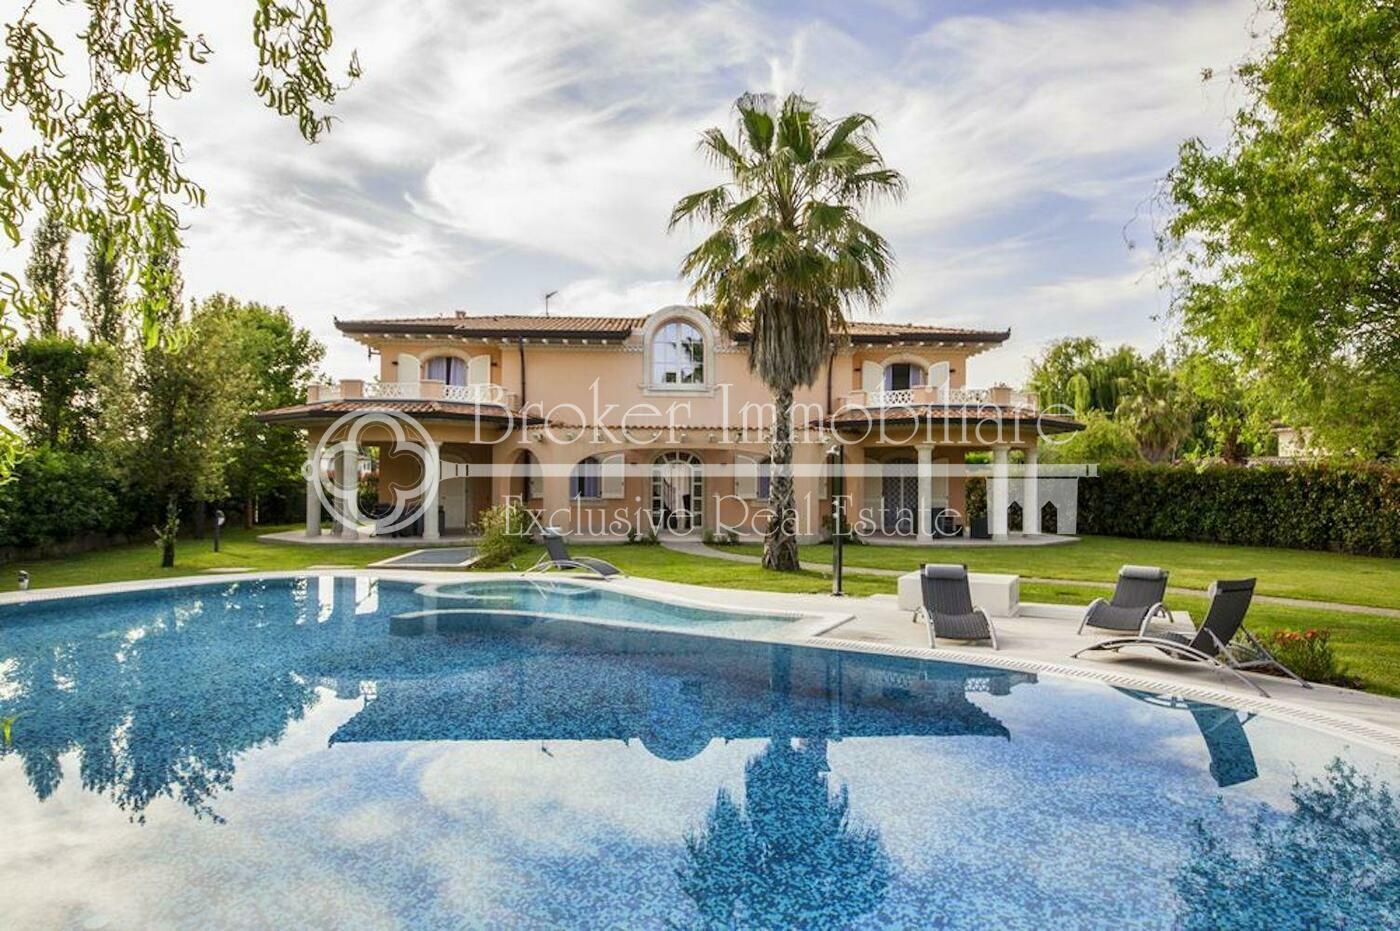 Villa in vendita a Forte dei Marmi con piscina a 1 km dal mare